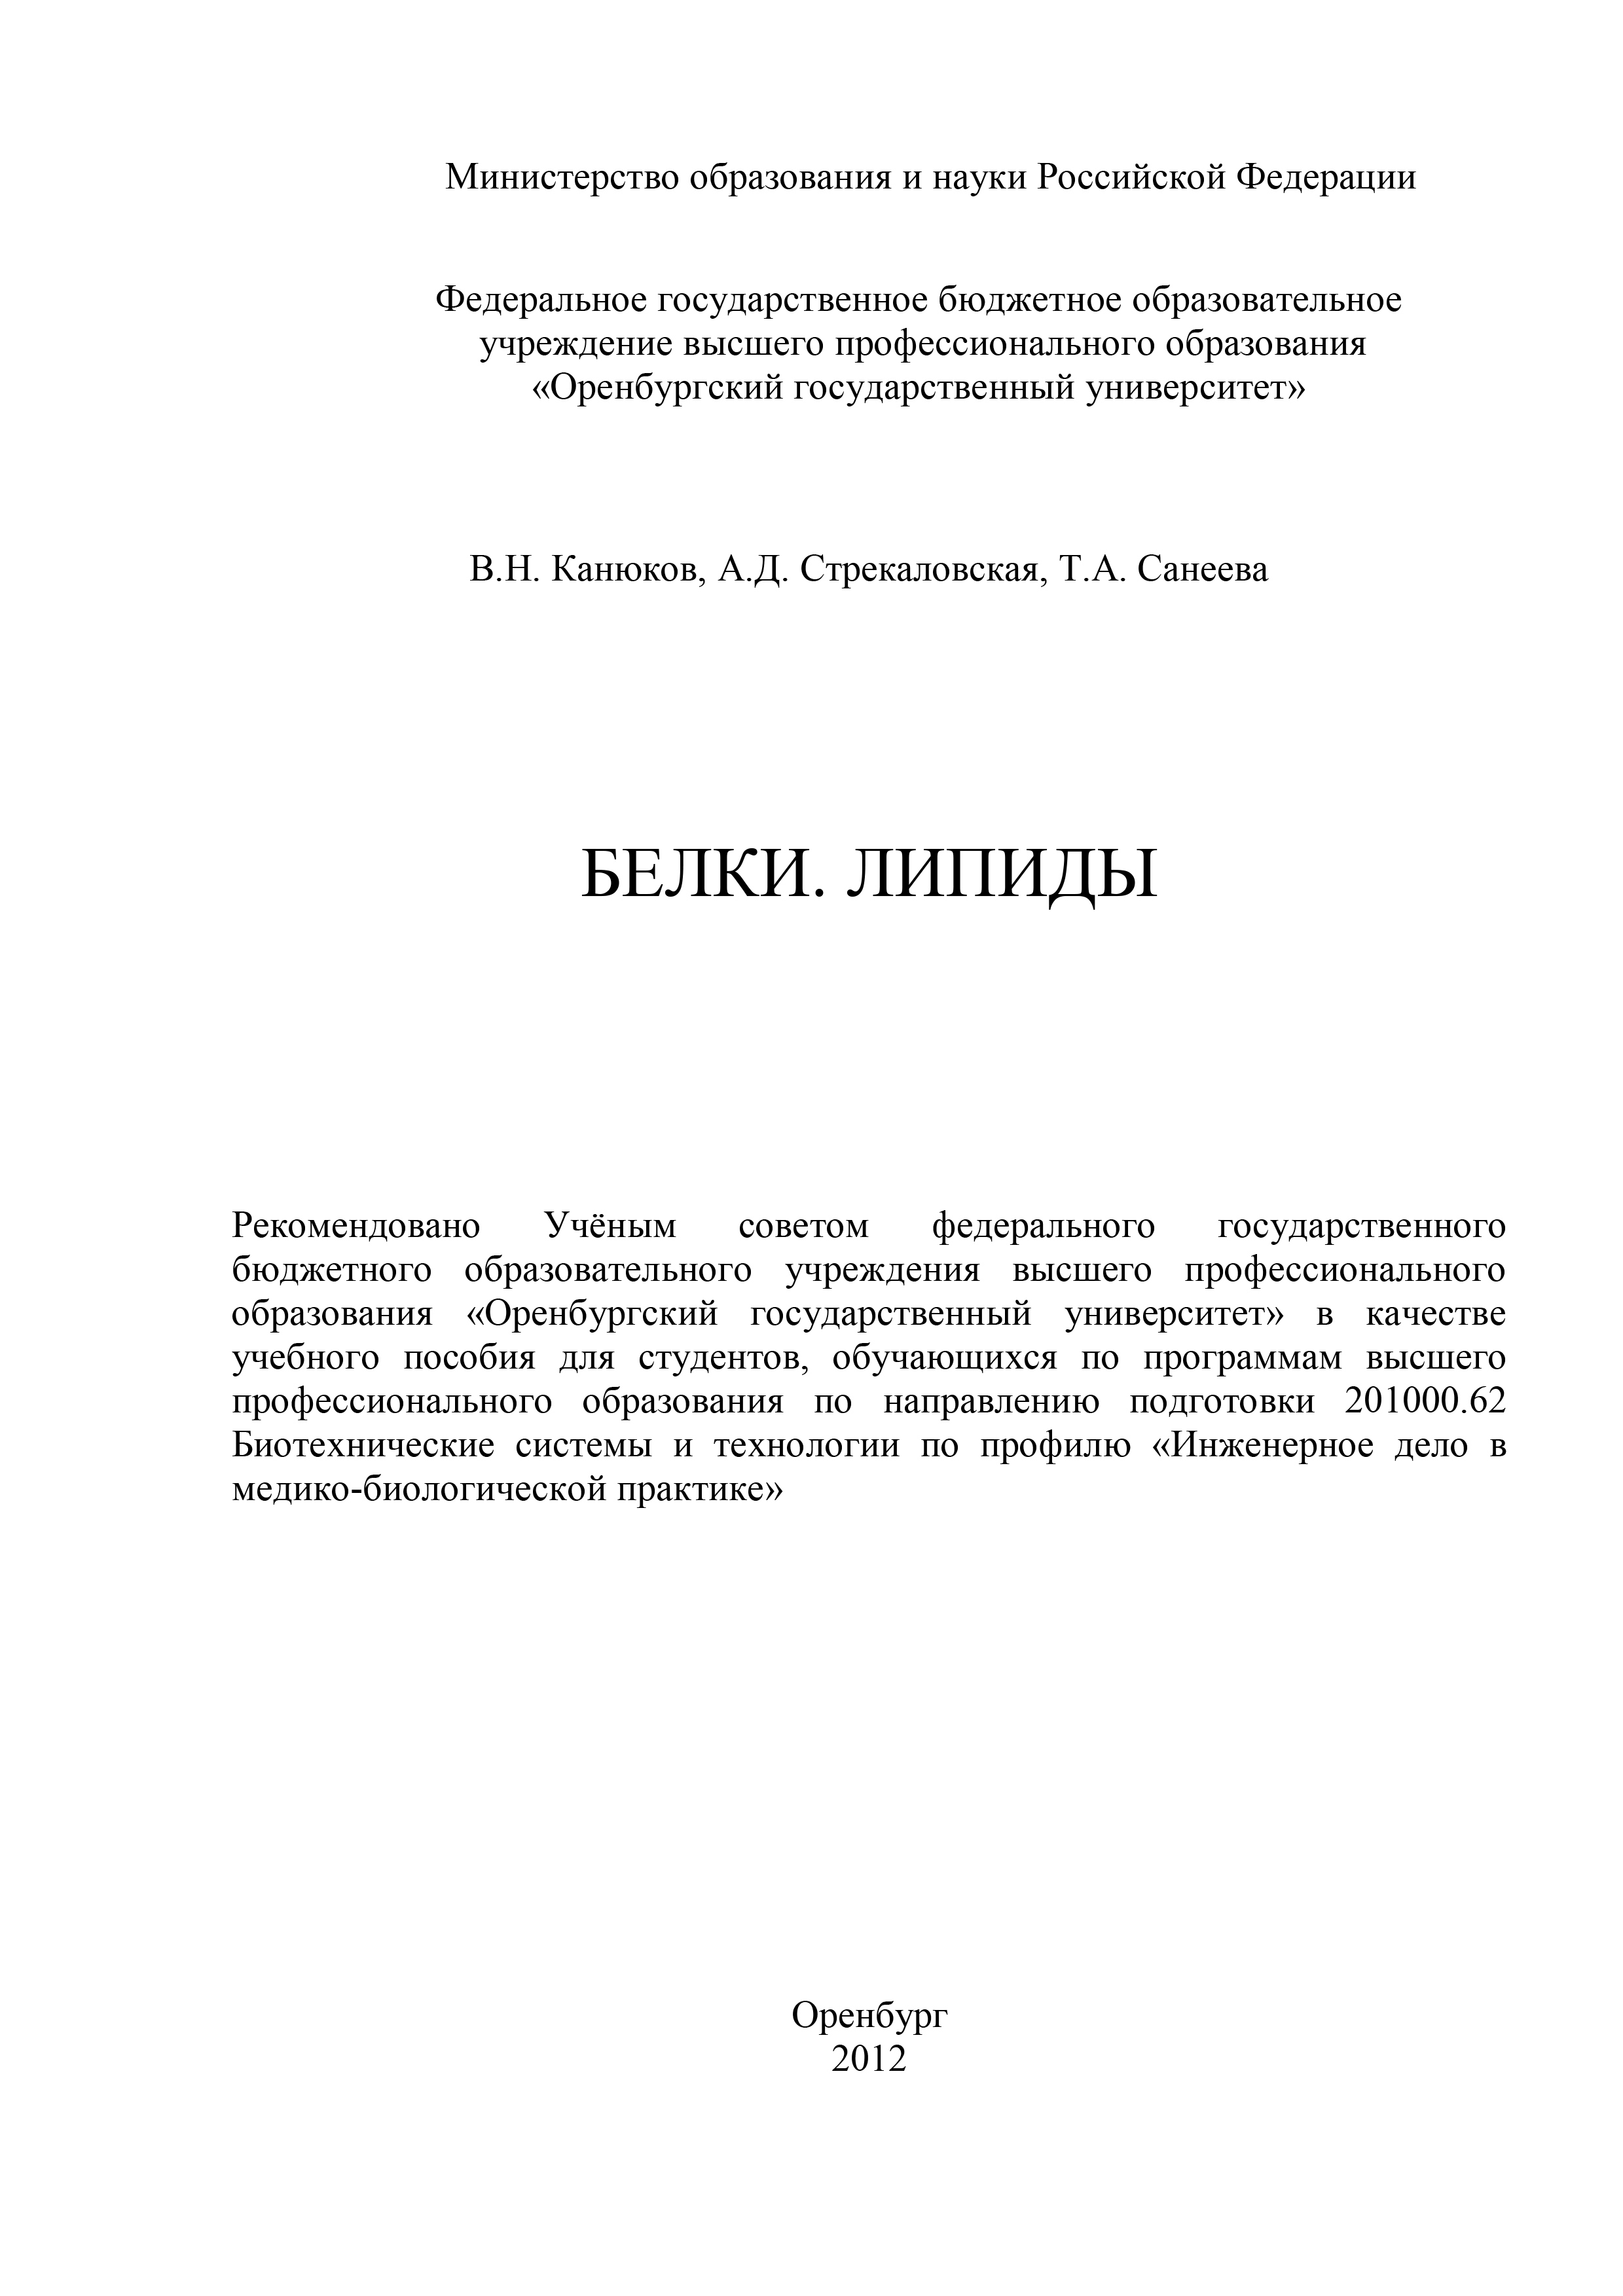 В. Н. Канюков Белки. Липиды в н канюков медицинское диагностическое оборудование